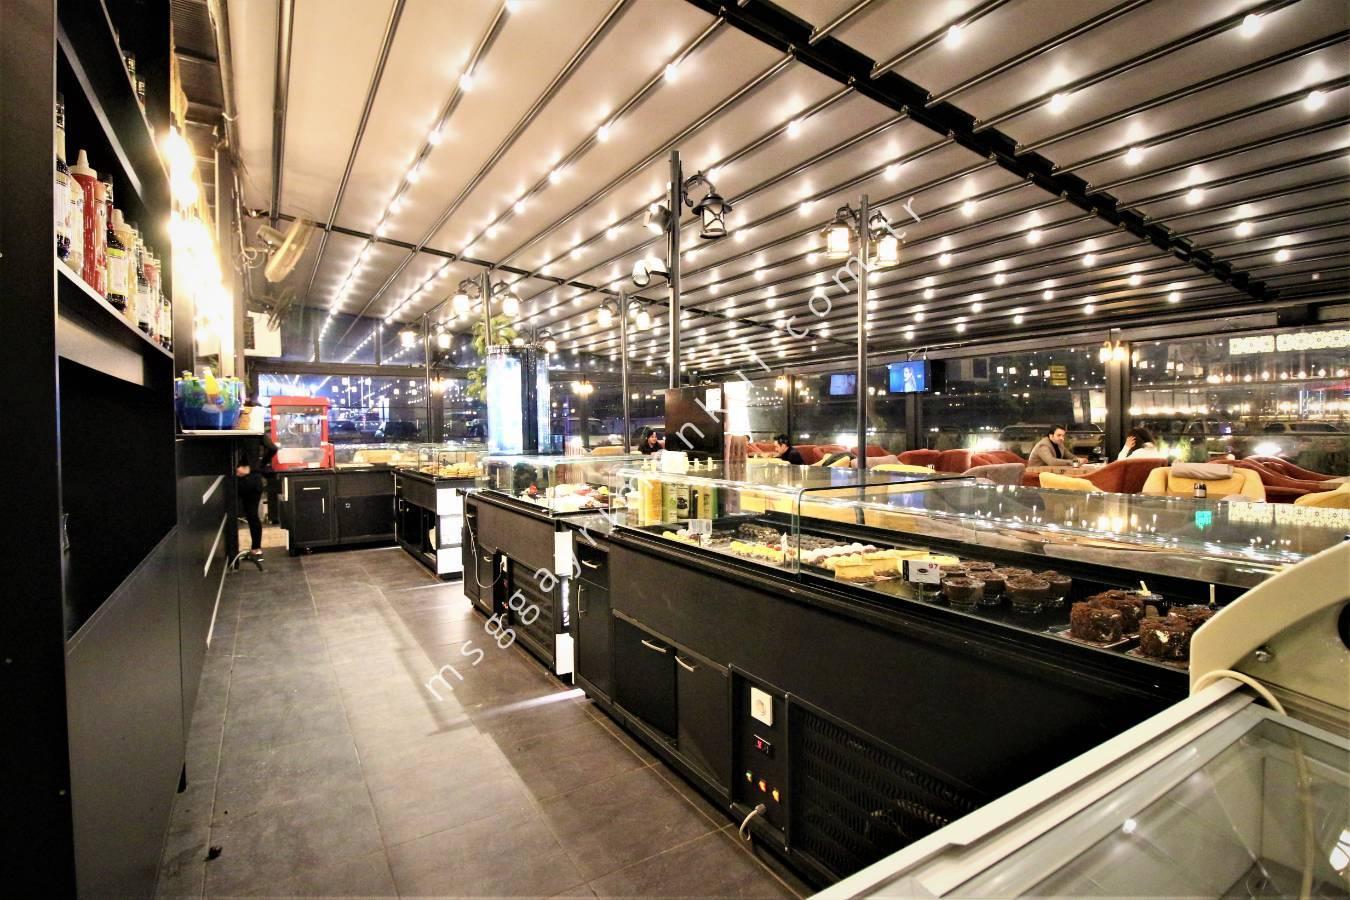 Eryaman Kiralık Devren Restaurant-Cafe